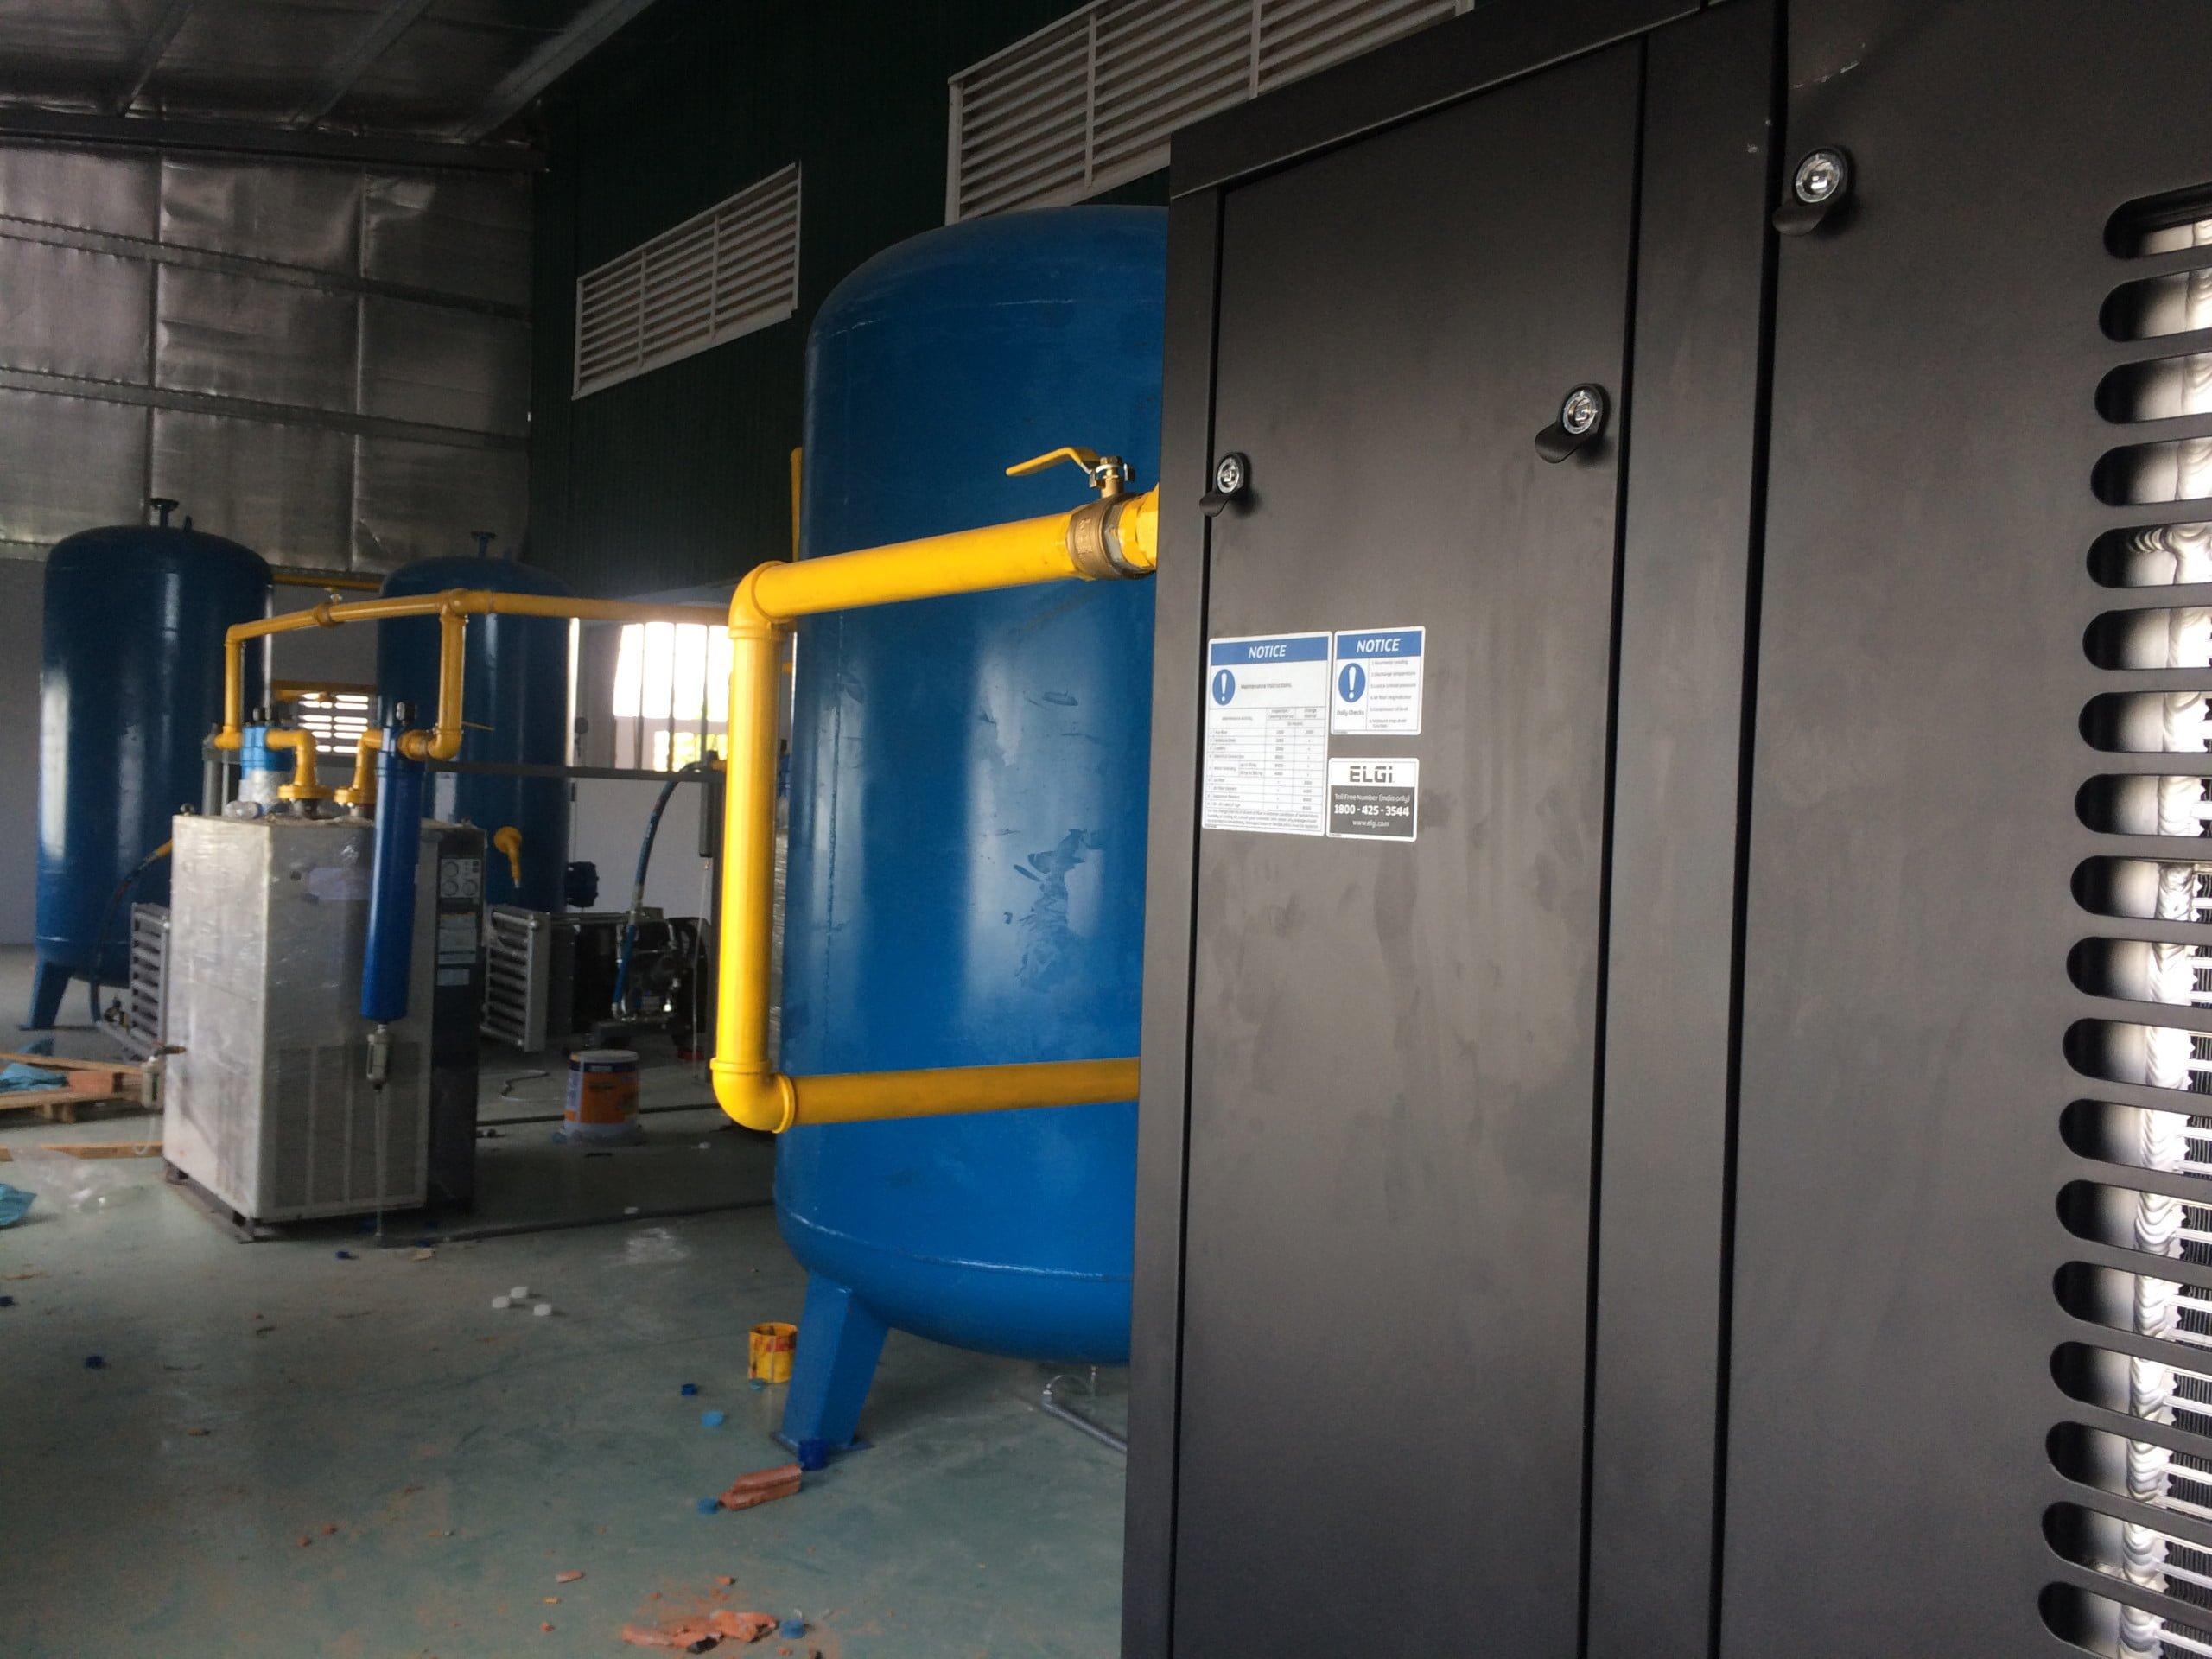 Tối ưu hệ thống khí nén đem lại hiệu suất cao